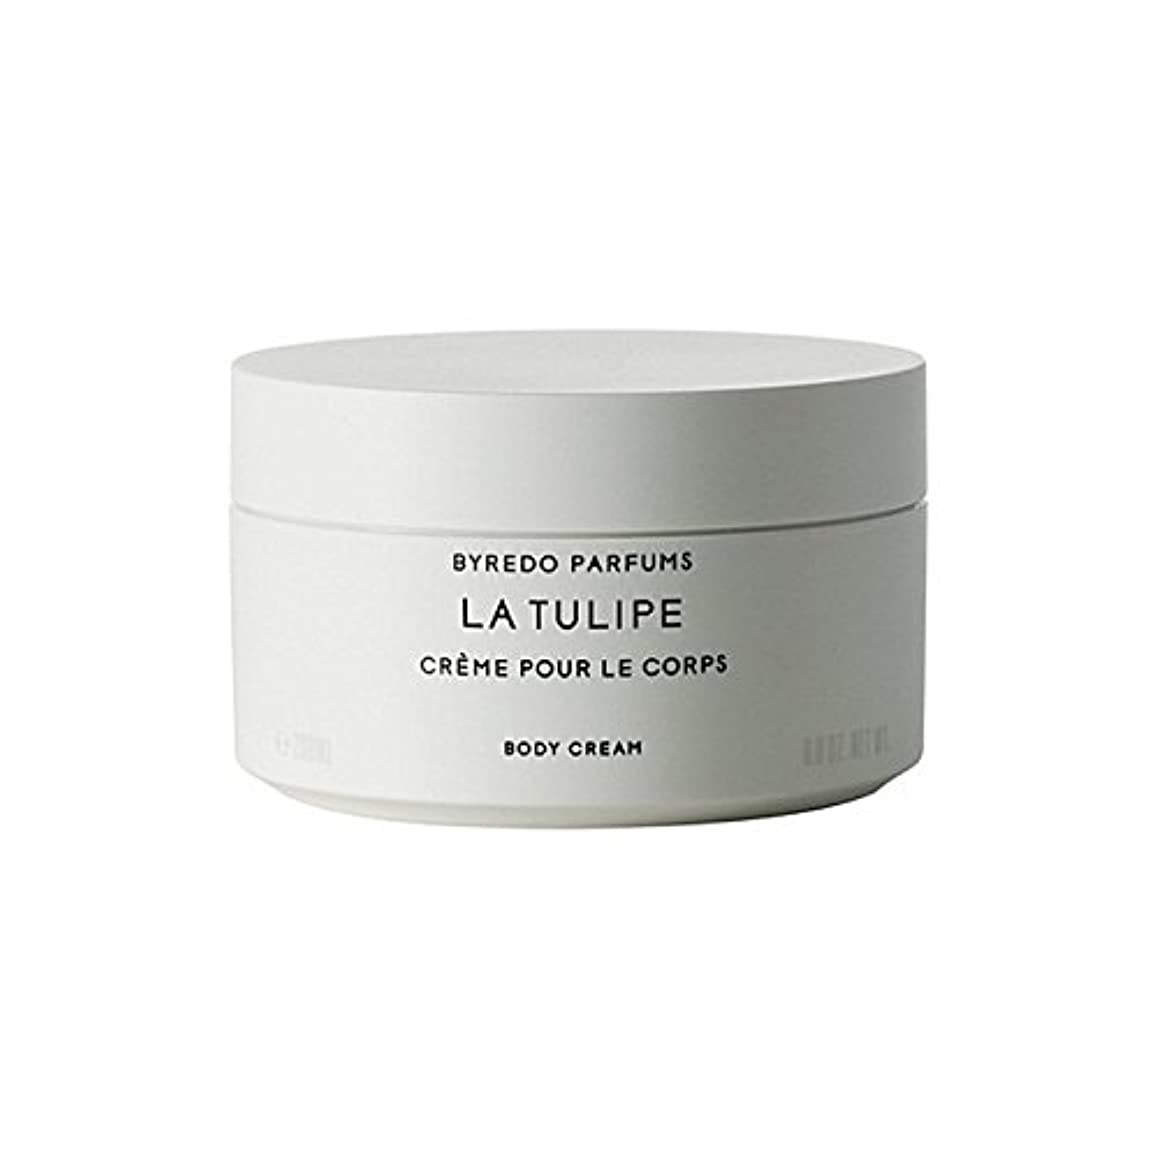 Byredo La Tulipe Body Cream 200ml - ラチューリップボディクリーム200ミリリットル [並行輸入品]